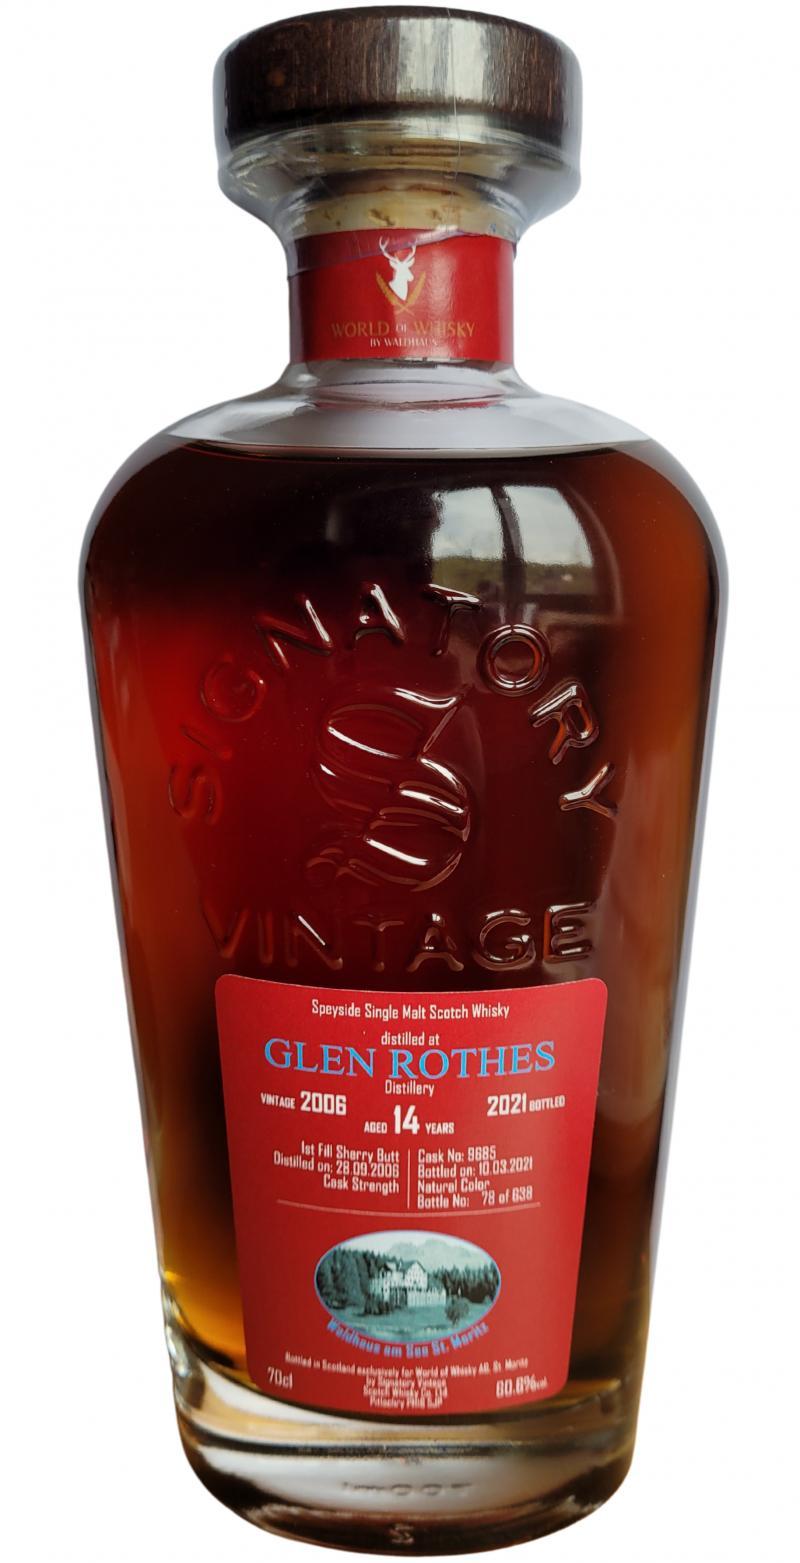 Glenrothes 2006 SV